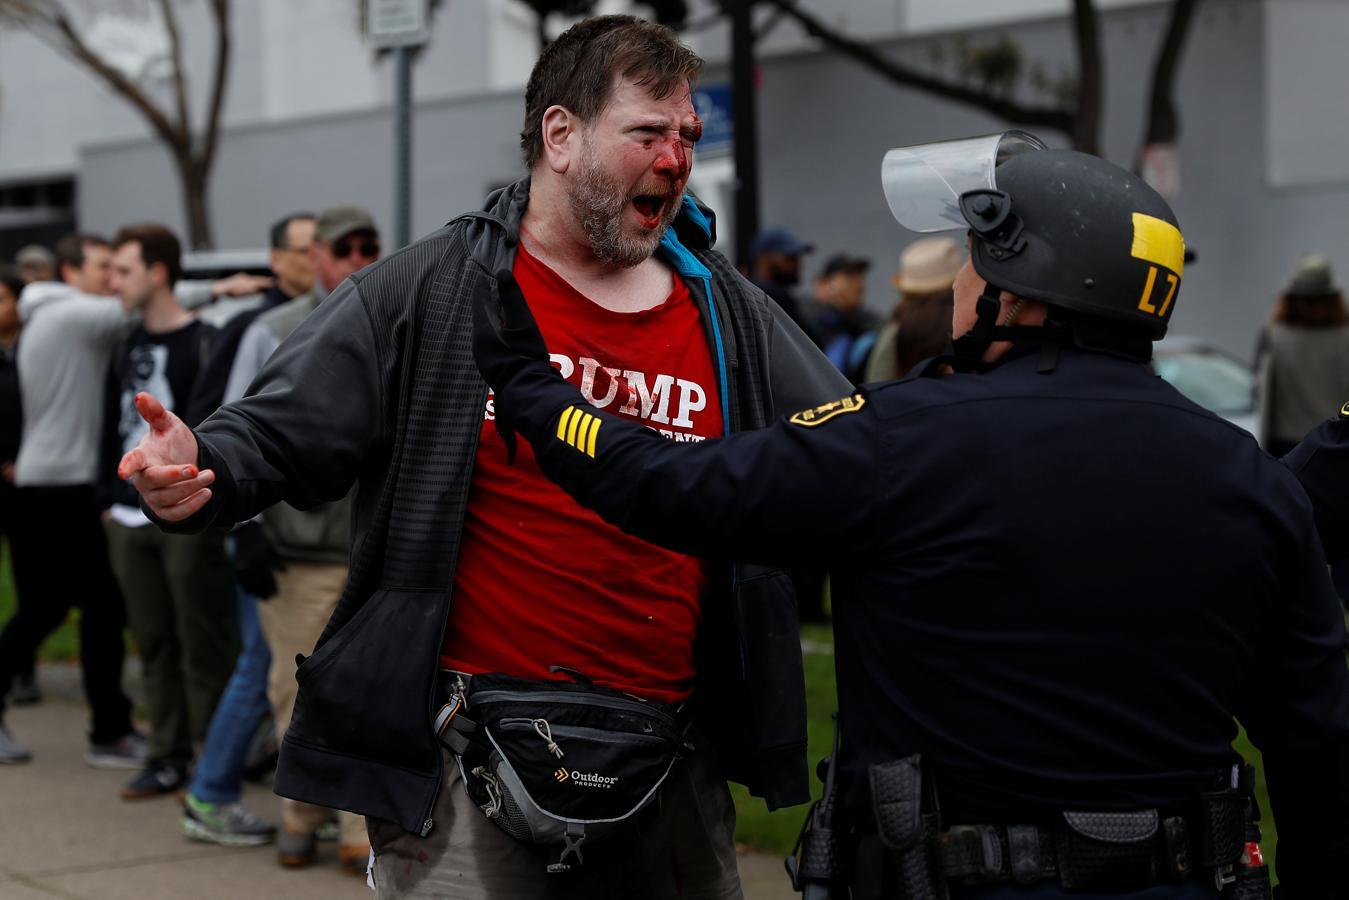 Los incidentes, en los que han participado entre 200 y 300 personas, han tenido lugar en un parque de la localidad californiana de Berkeley